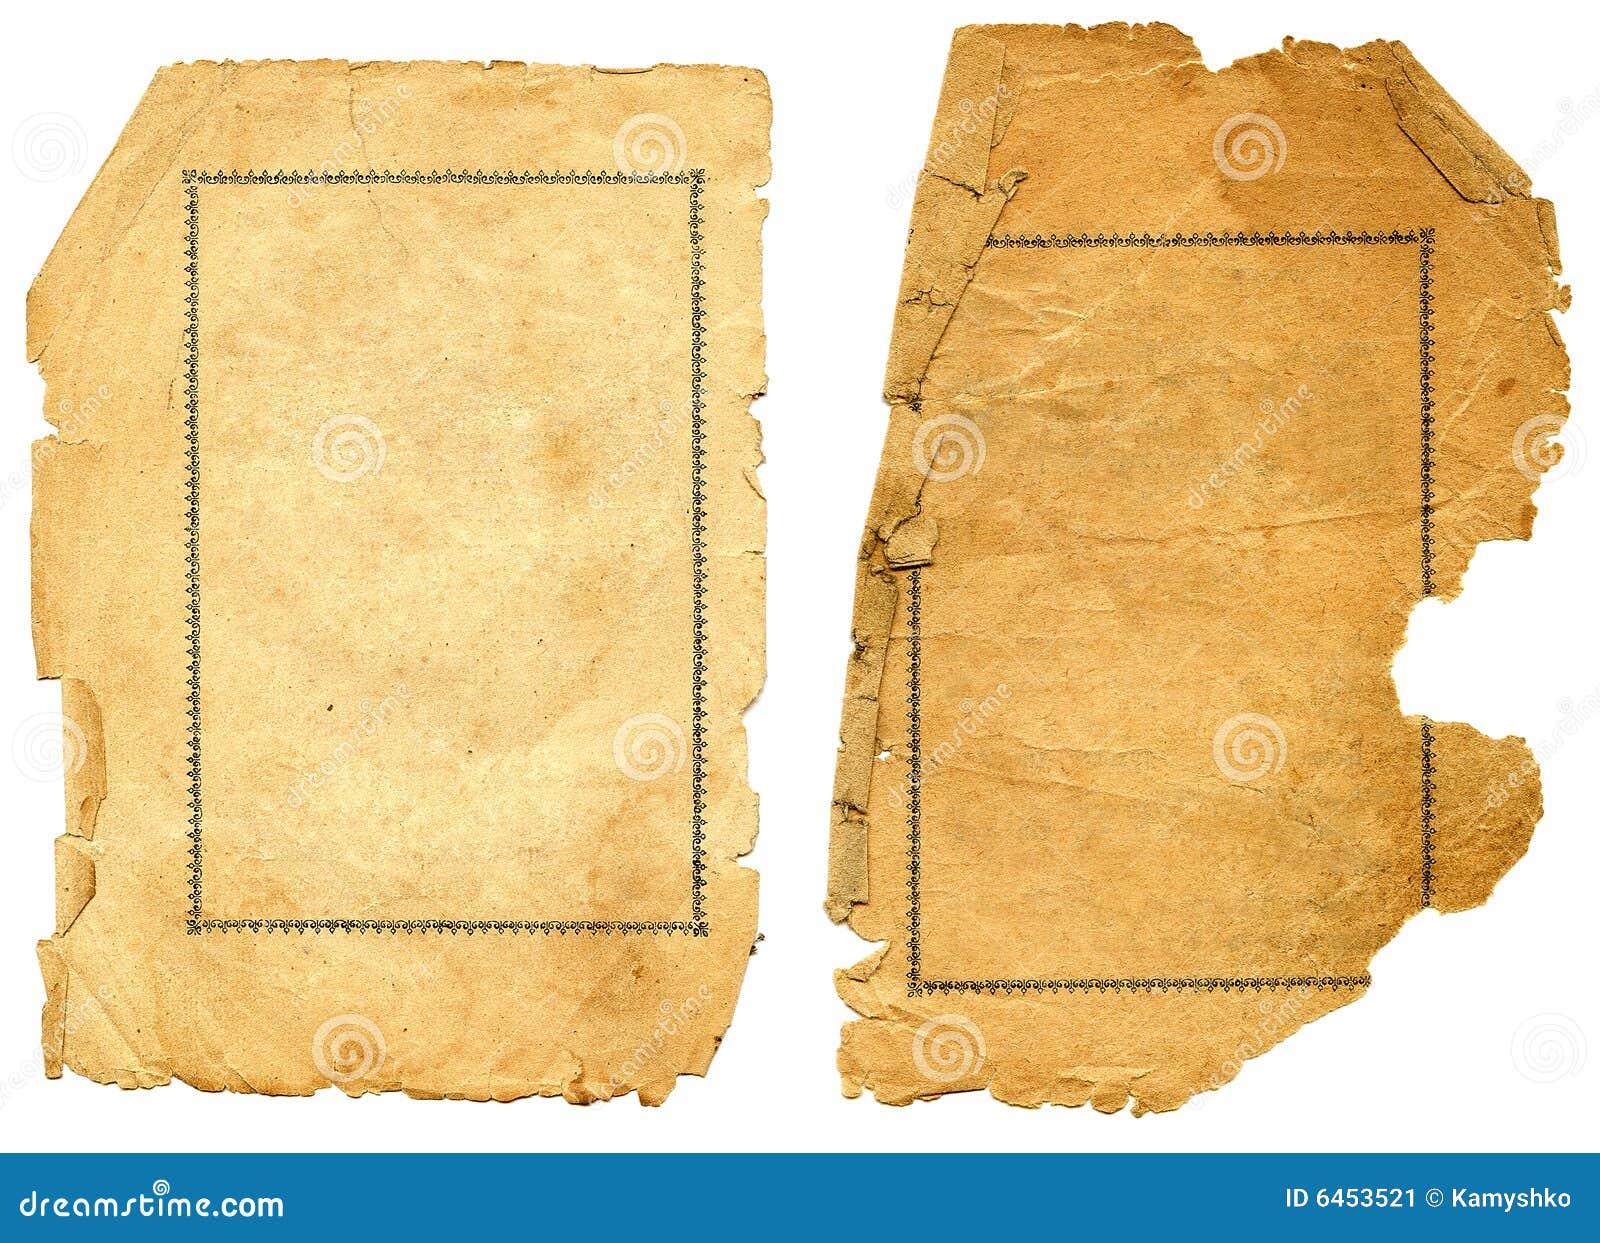 Altes strukturiertes Papier mit altersschwachem Rand.